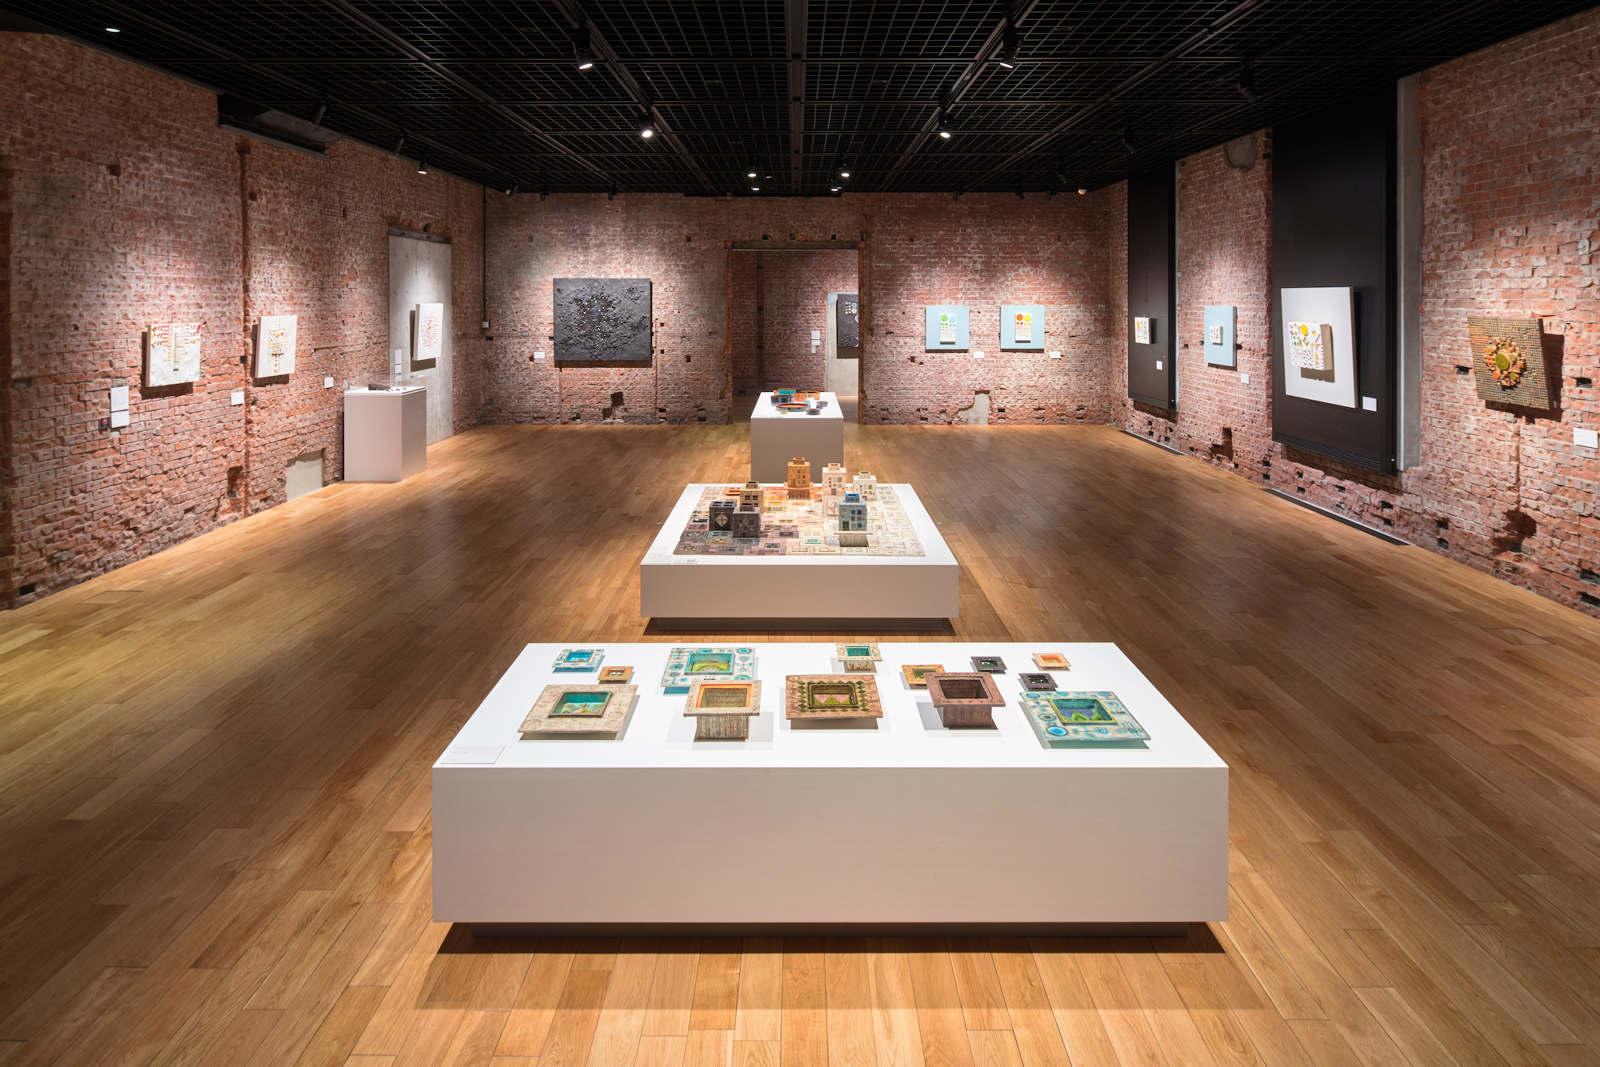 展覧会:「ルート・ブリュック 蝶の軌跡」、次会場は2020年4月から岐阜 ...